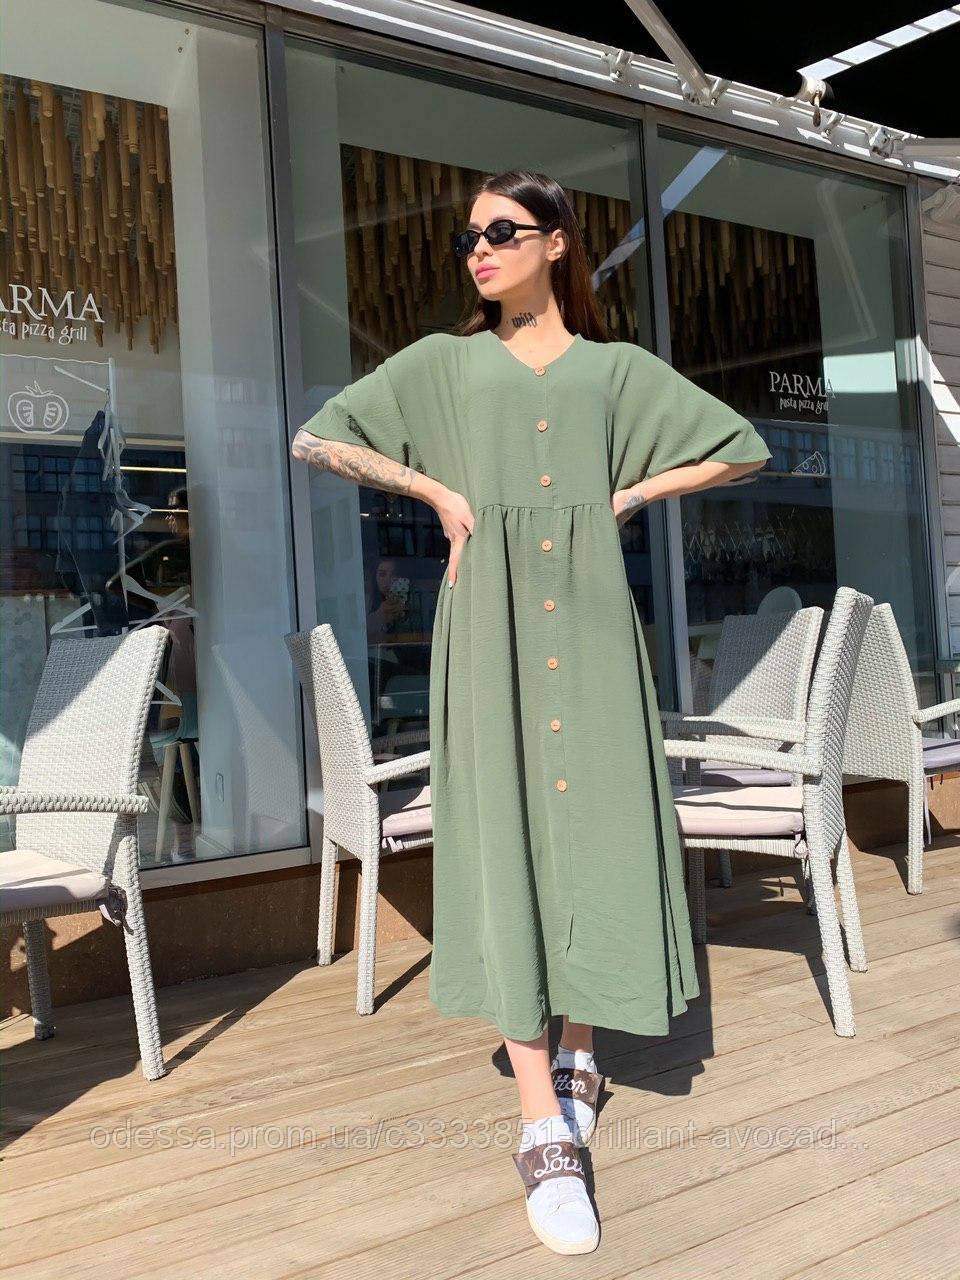 Летнее льняное платье широкого кроя 42-48, 48-50, 52-54, 56-58 размеров